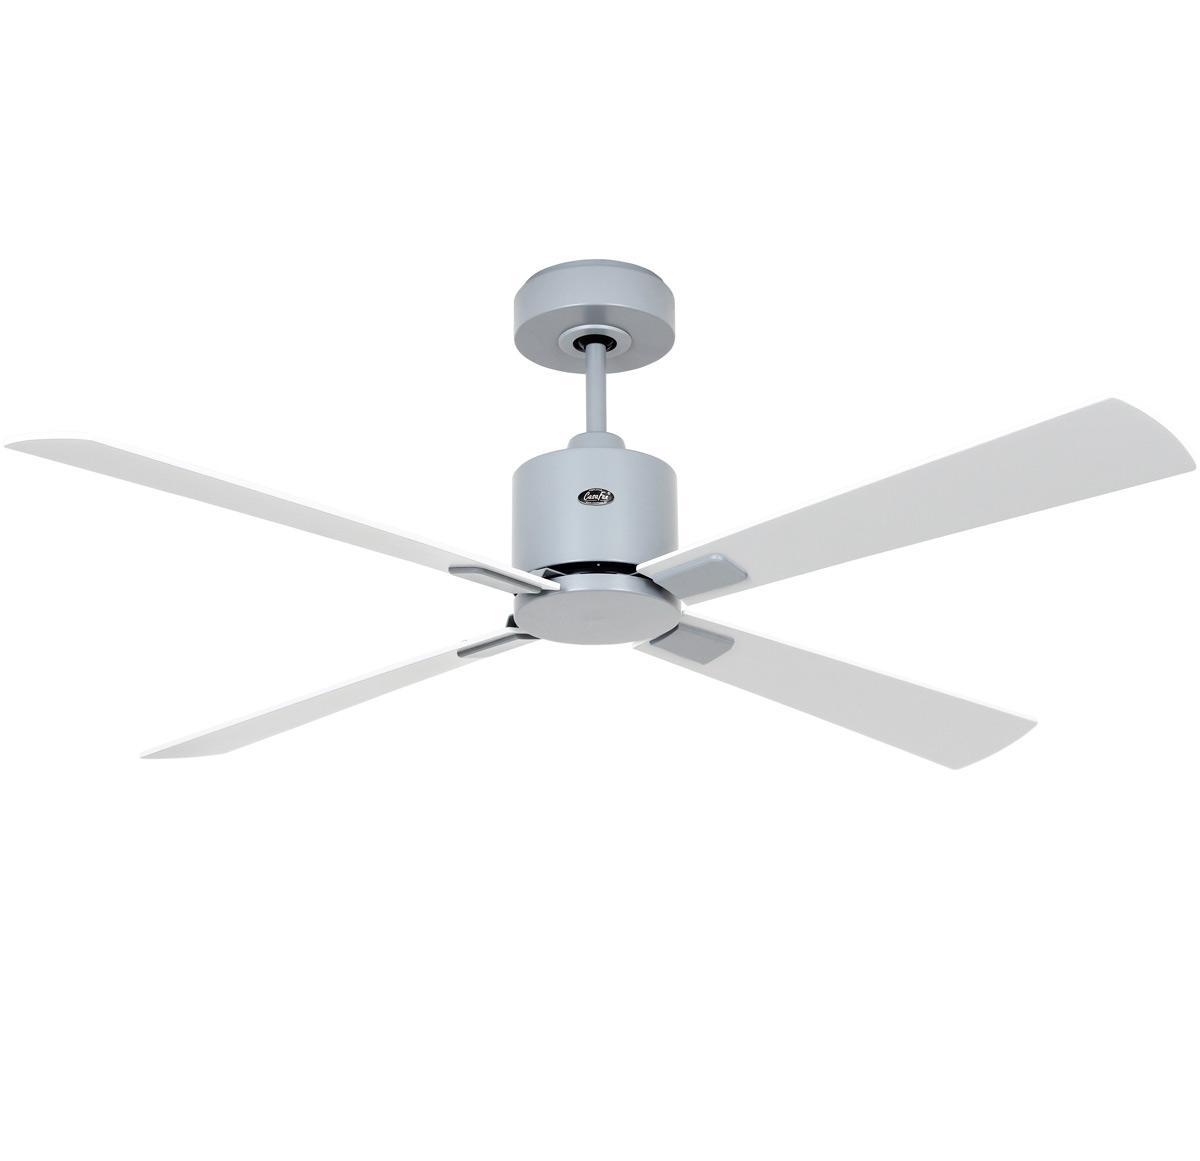 Ventilador de techo Casafan 922503 Eco Neo II 152